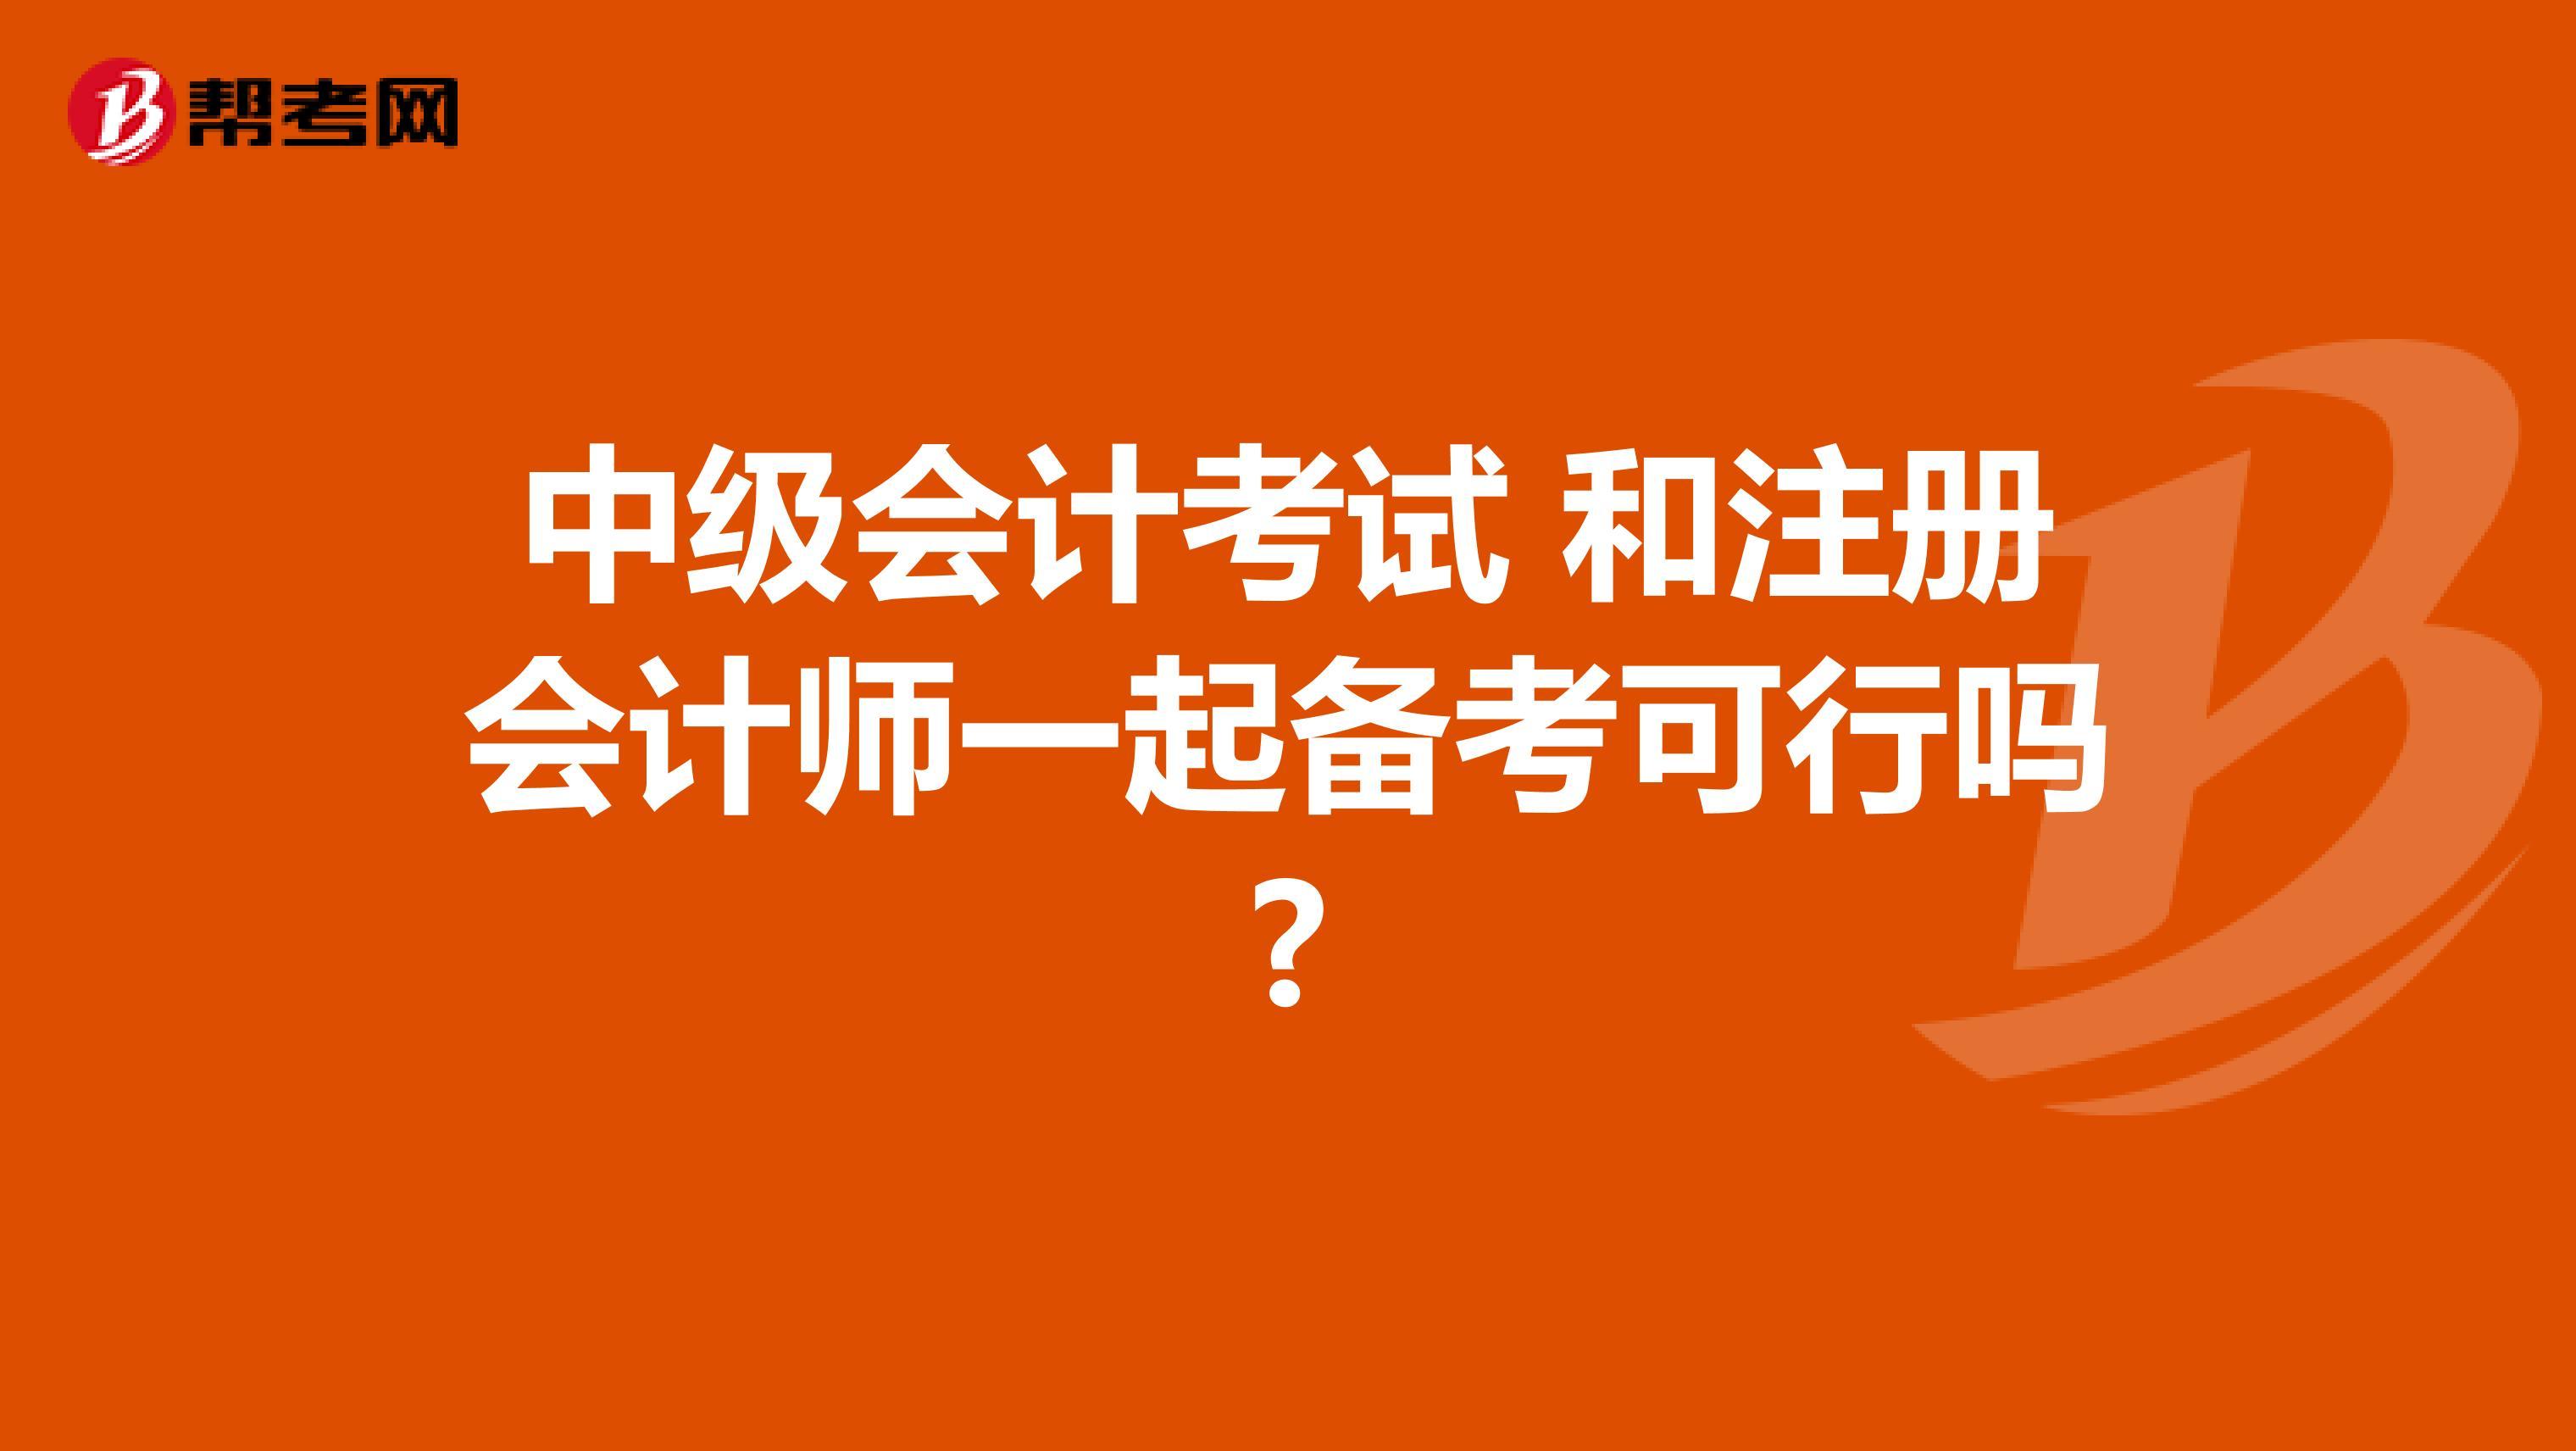 中级会计考试 和注册会计师一起备考可行吗?